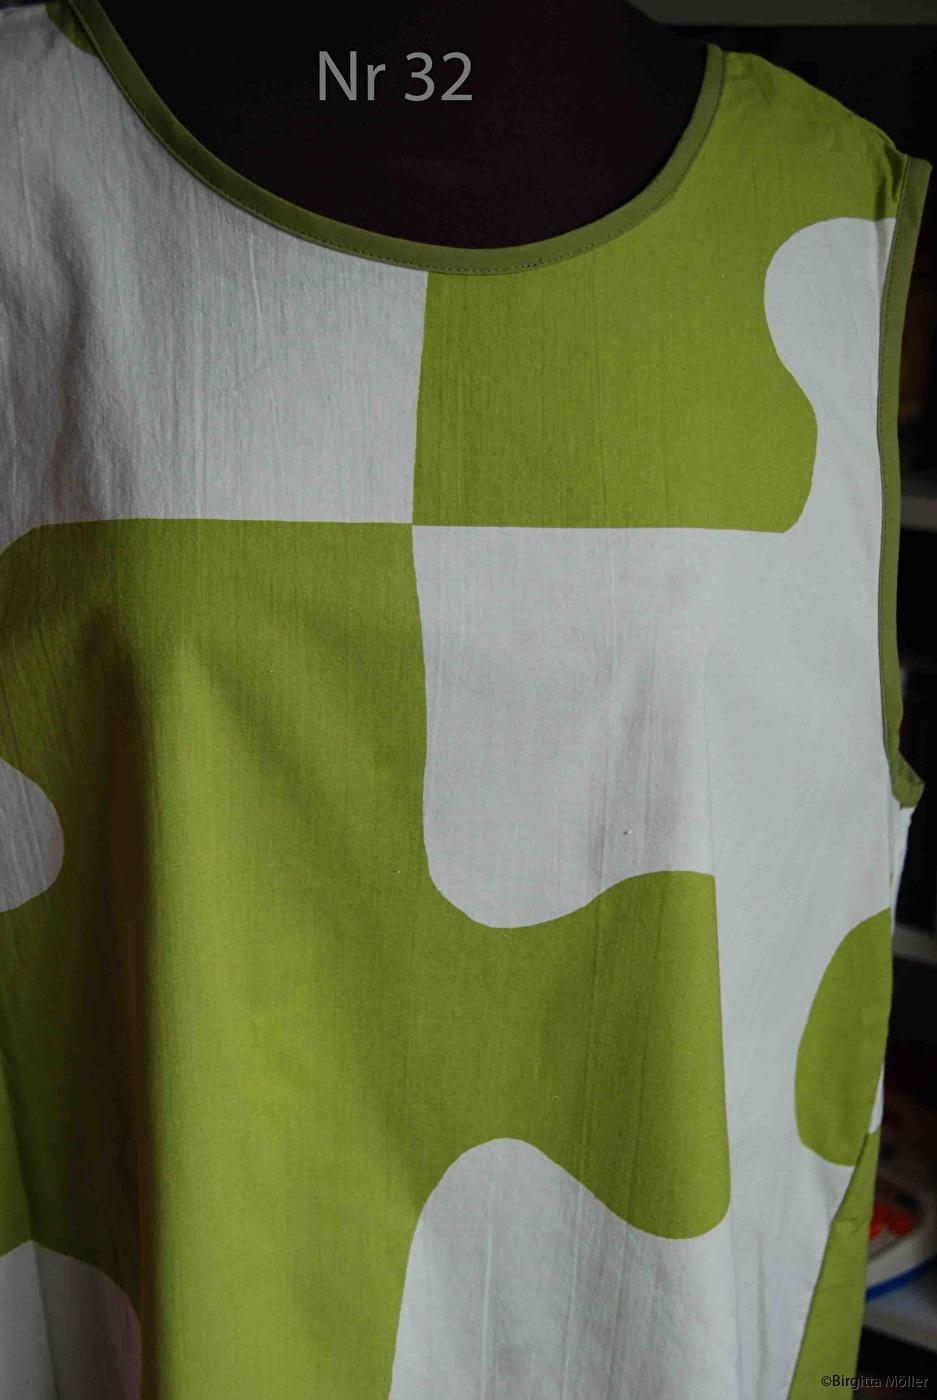 Unikt retroförkläde nr_32